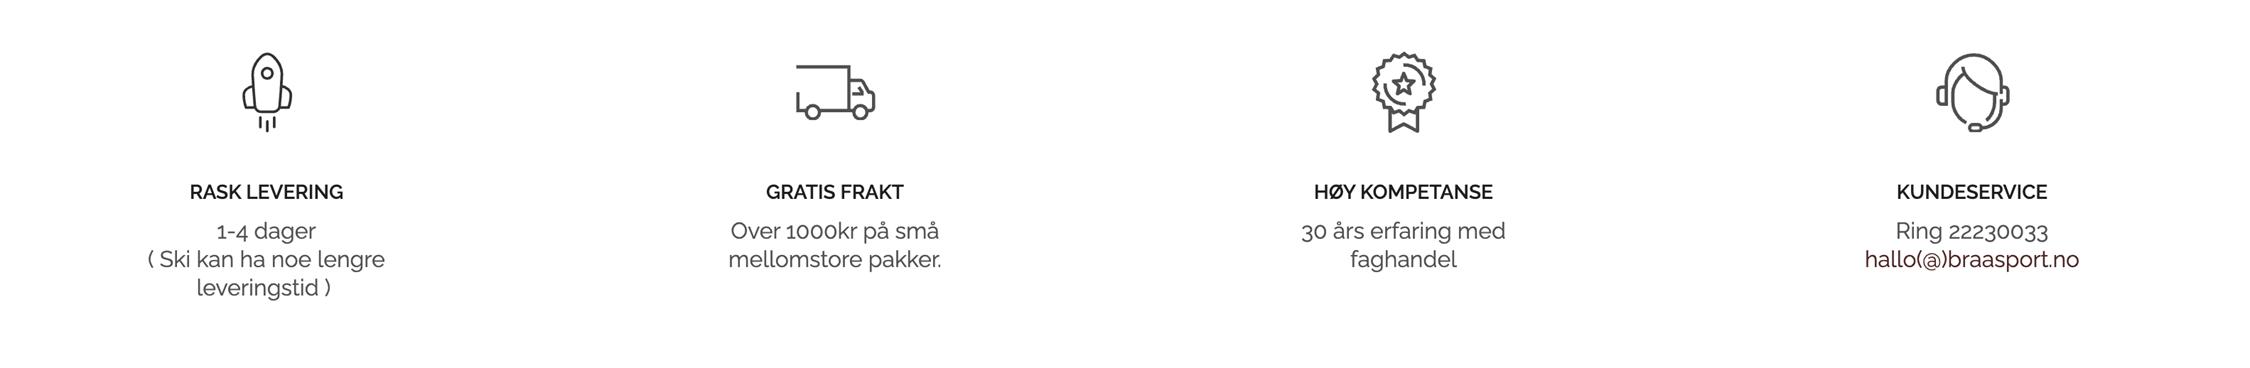 Skjermbilde 2021-05-04 kl. 12.52.21.png